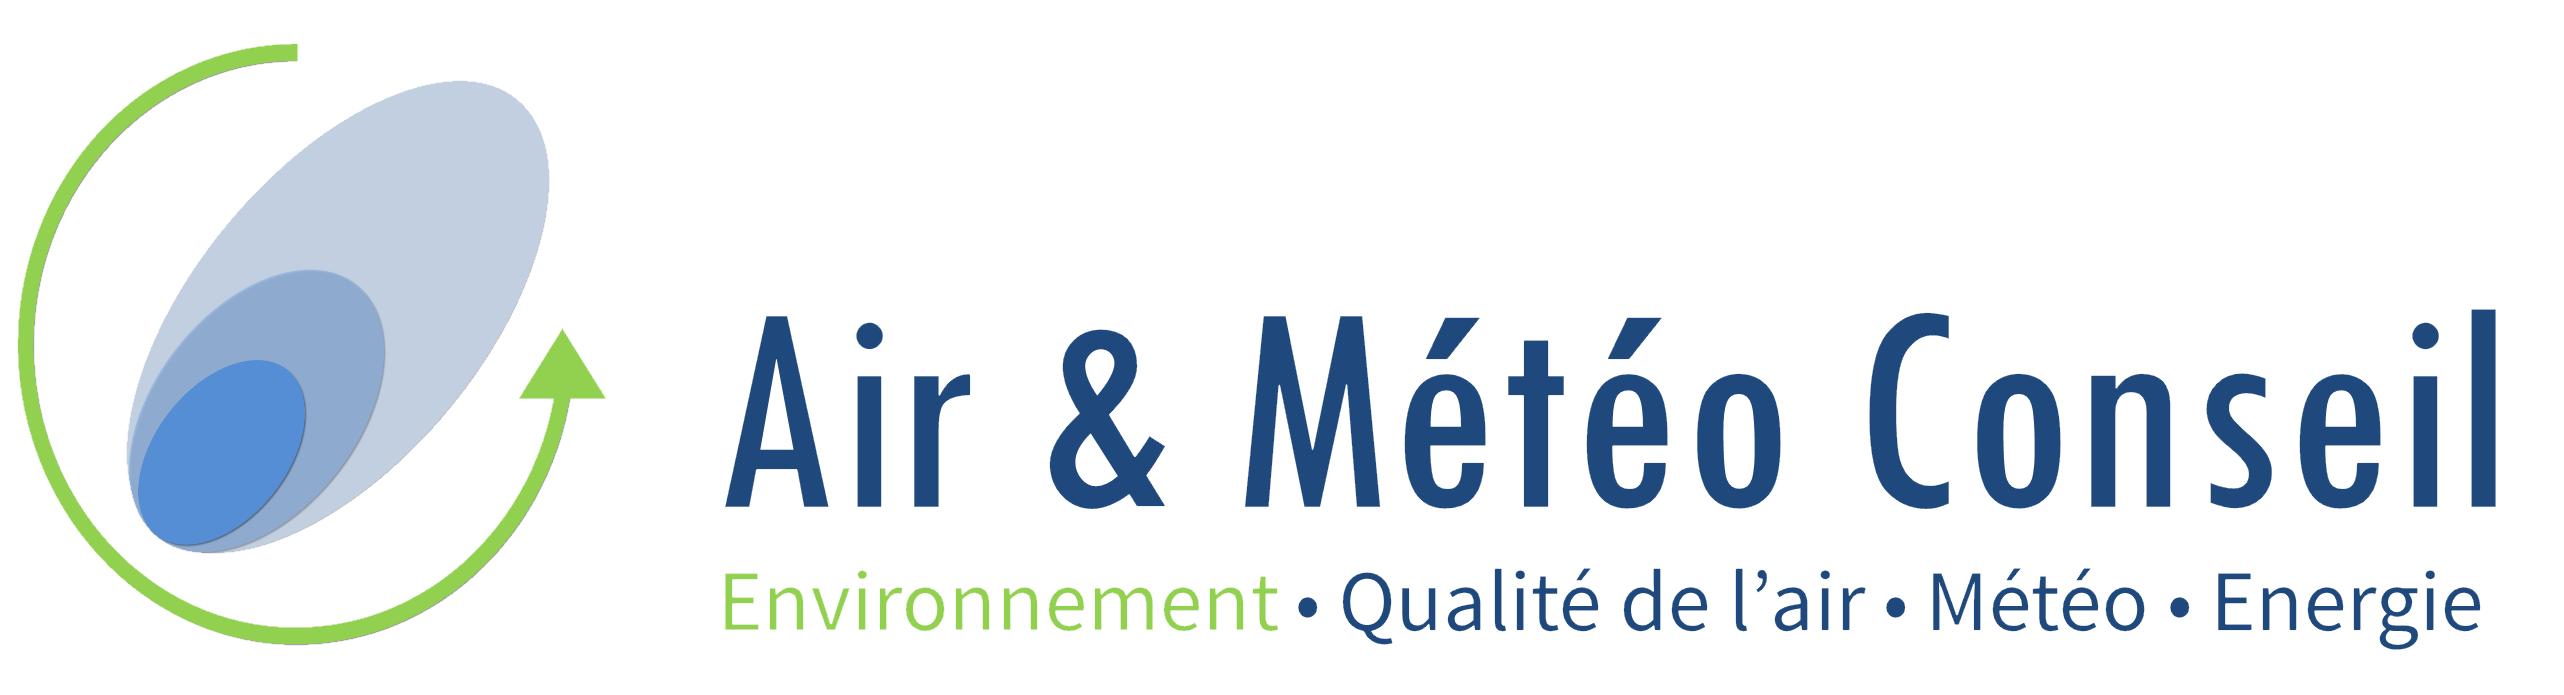 Air & Météo Conseil